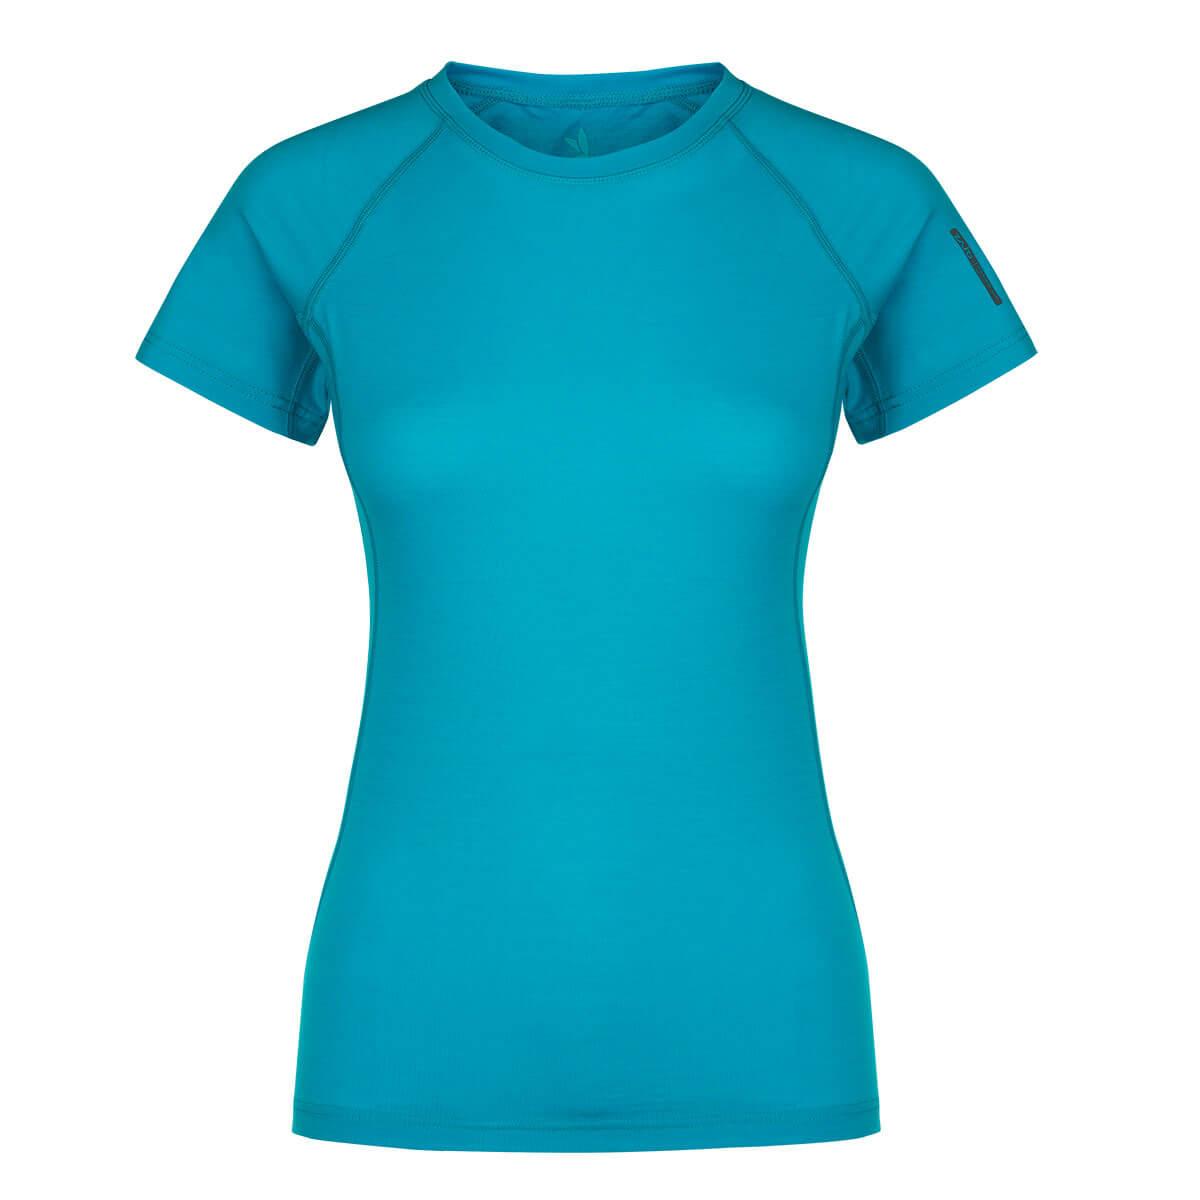 Dámske tričko Zajo Elsa Merino Nylon T-shirt SS Curacao - veľkosť XS